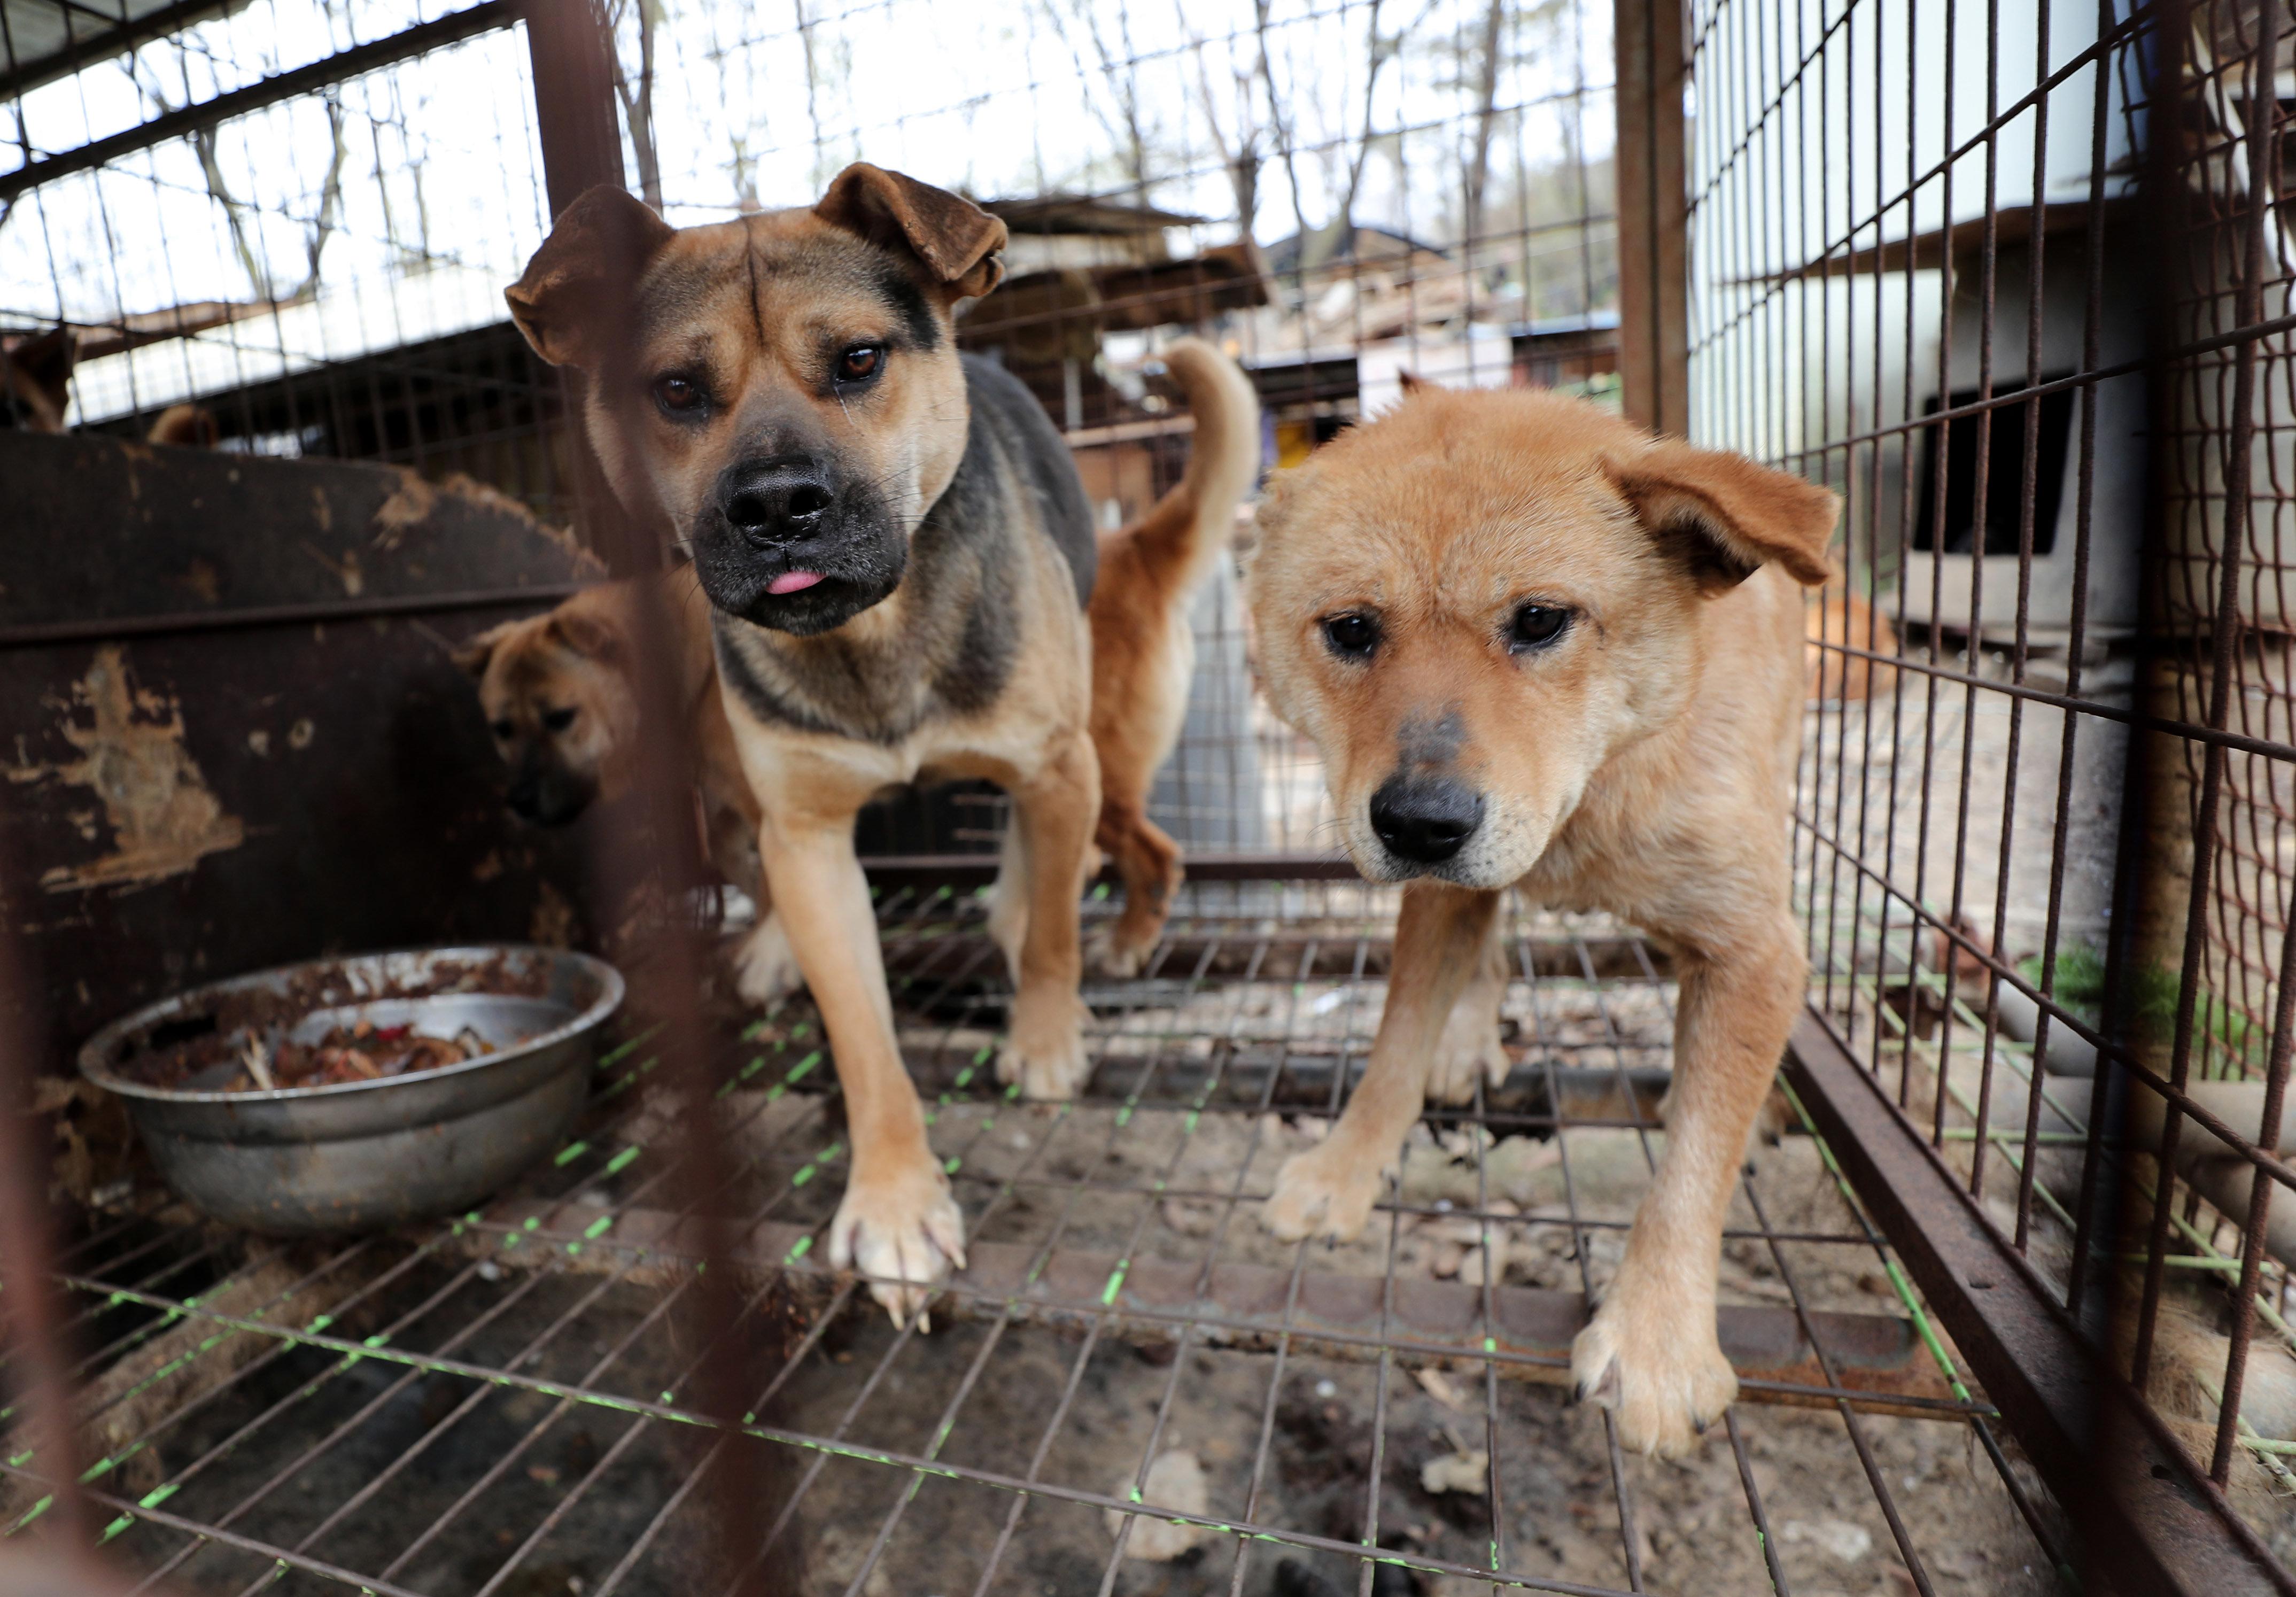 개를 돼지·닭과 같은 방법으로 도살하는 건 '무죄' 주장에 대한 대법원